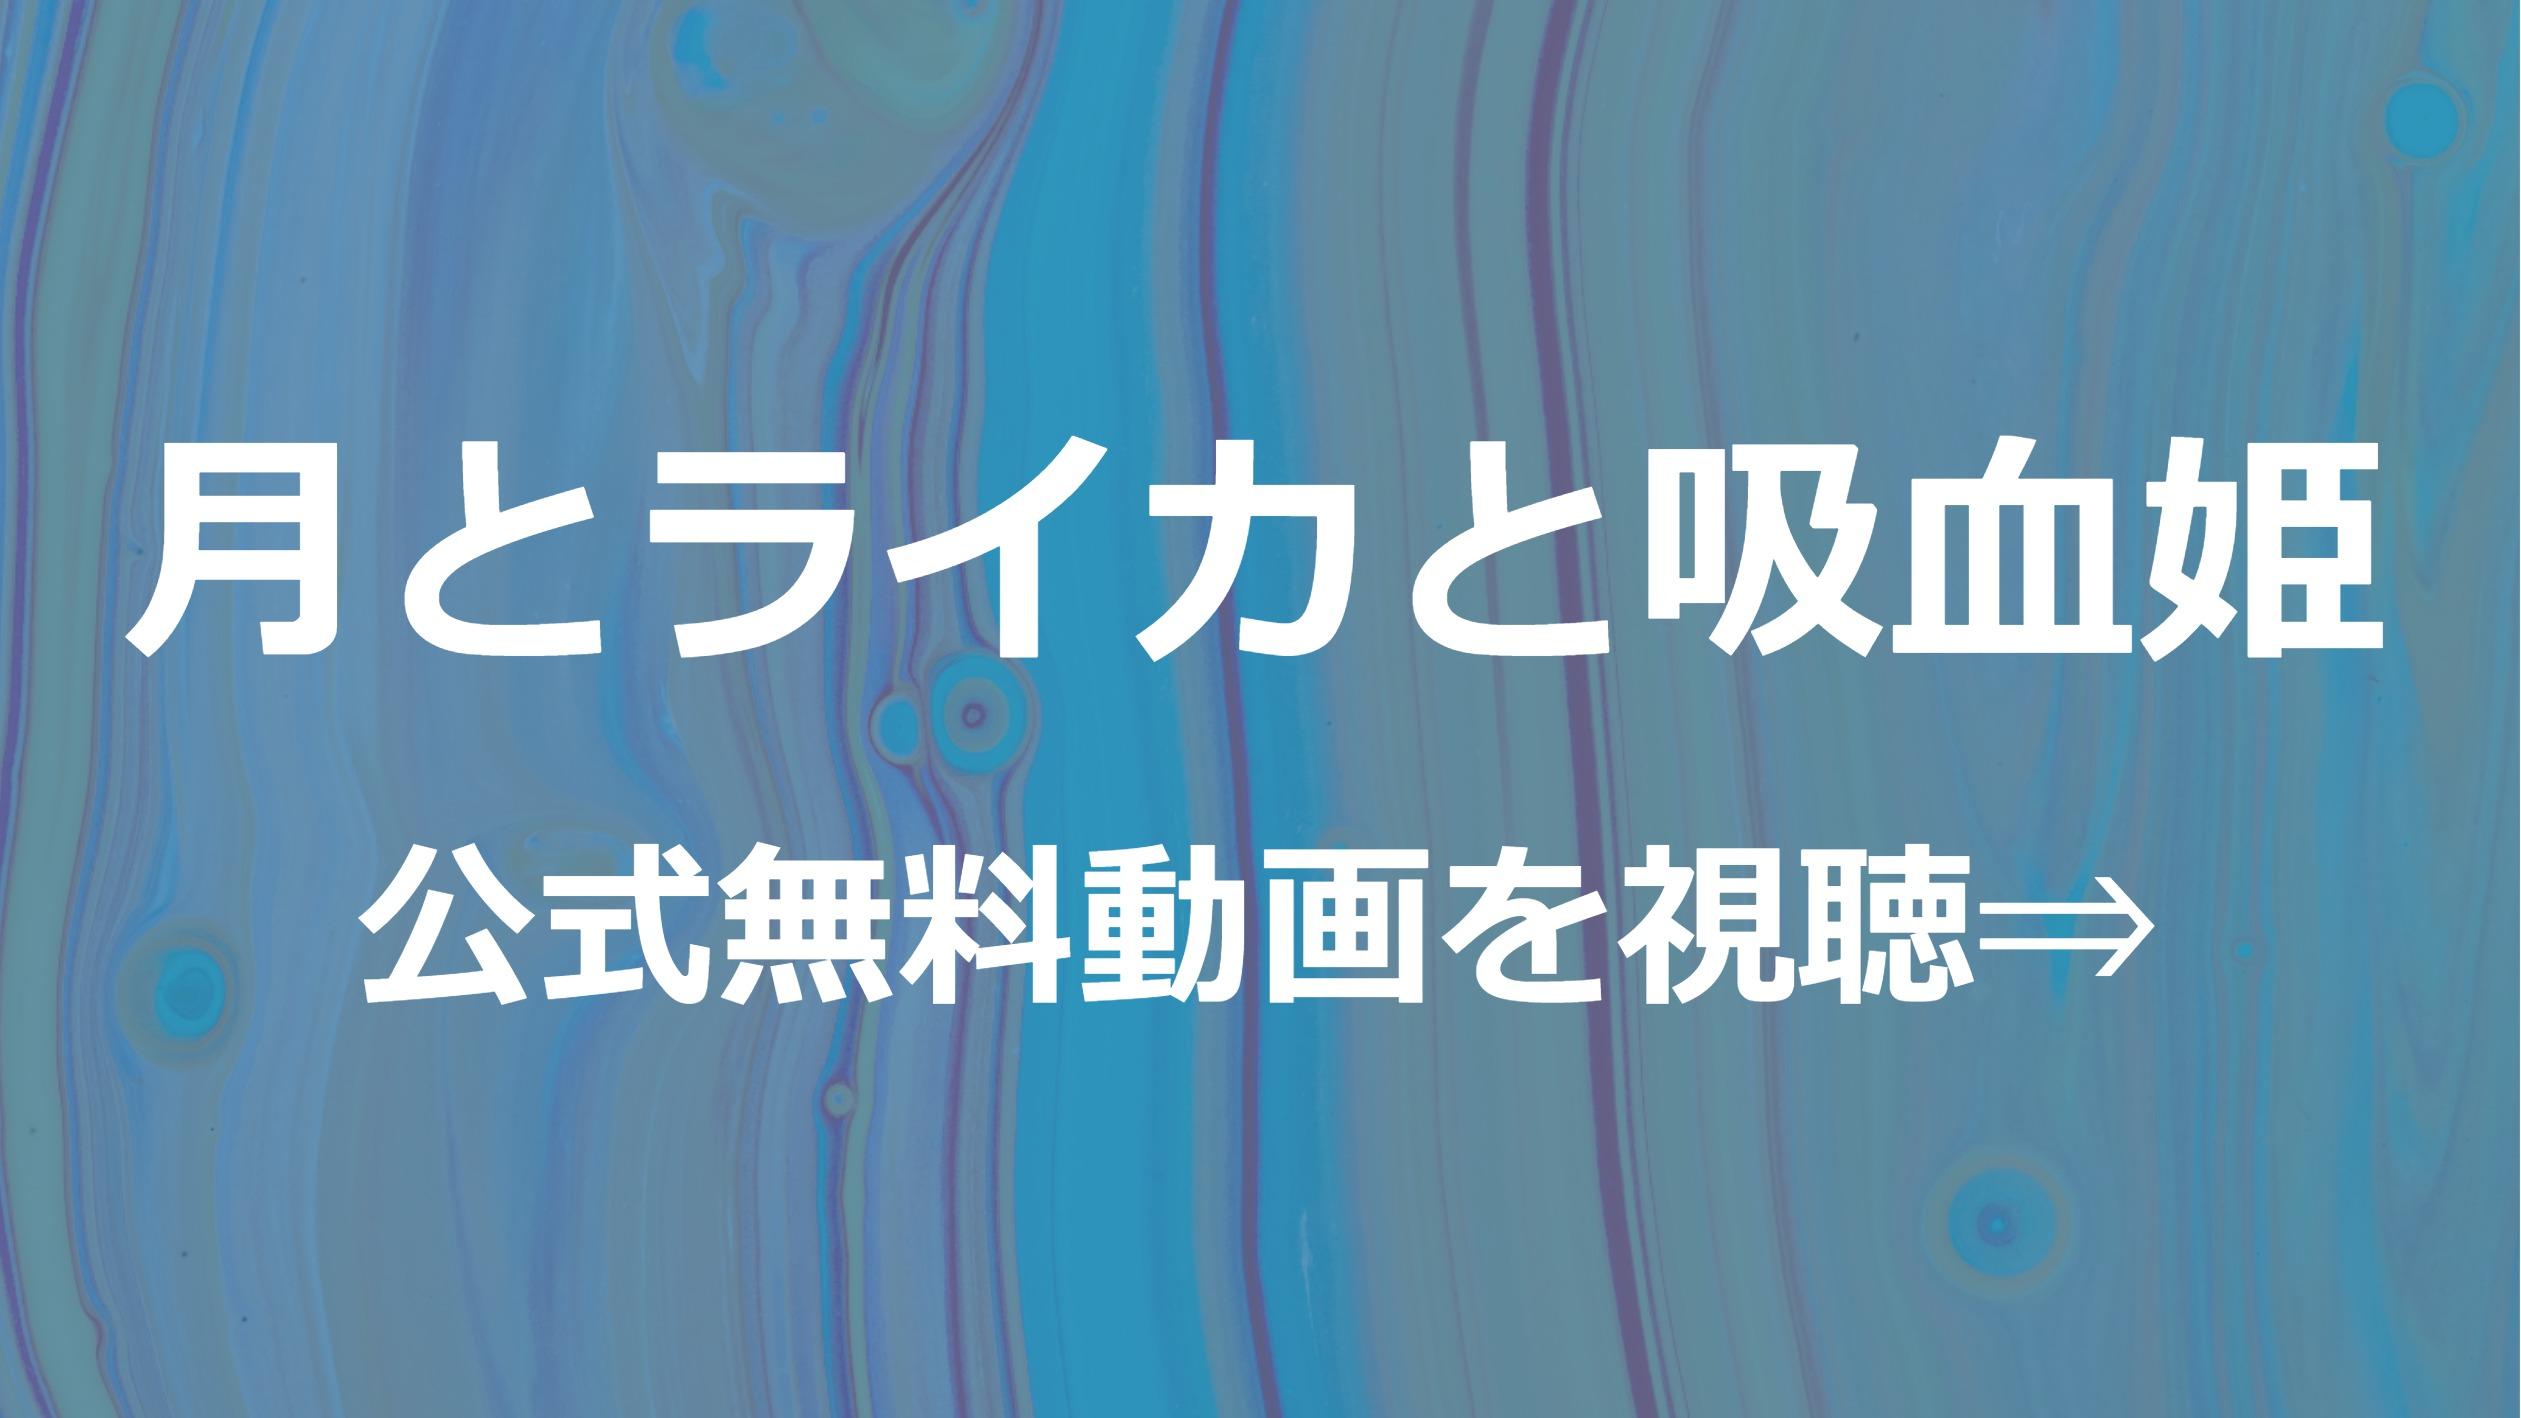 アニメ「月とライカと吸血姫」無料フル動画を1話~全話視聴できる公式配信サービスまとめ!